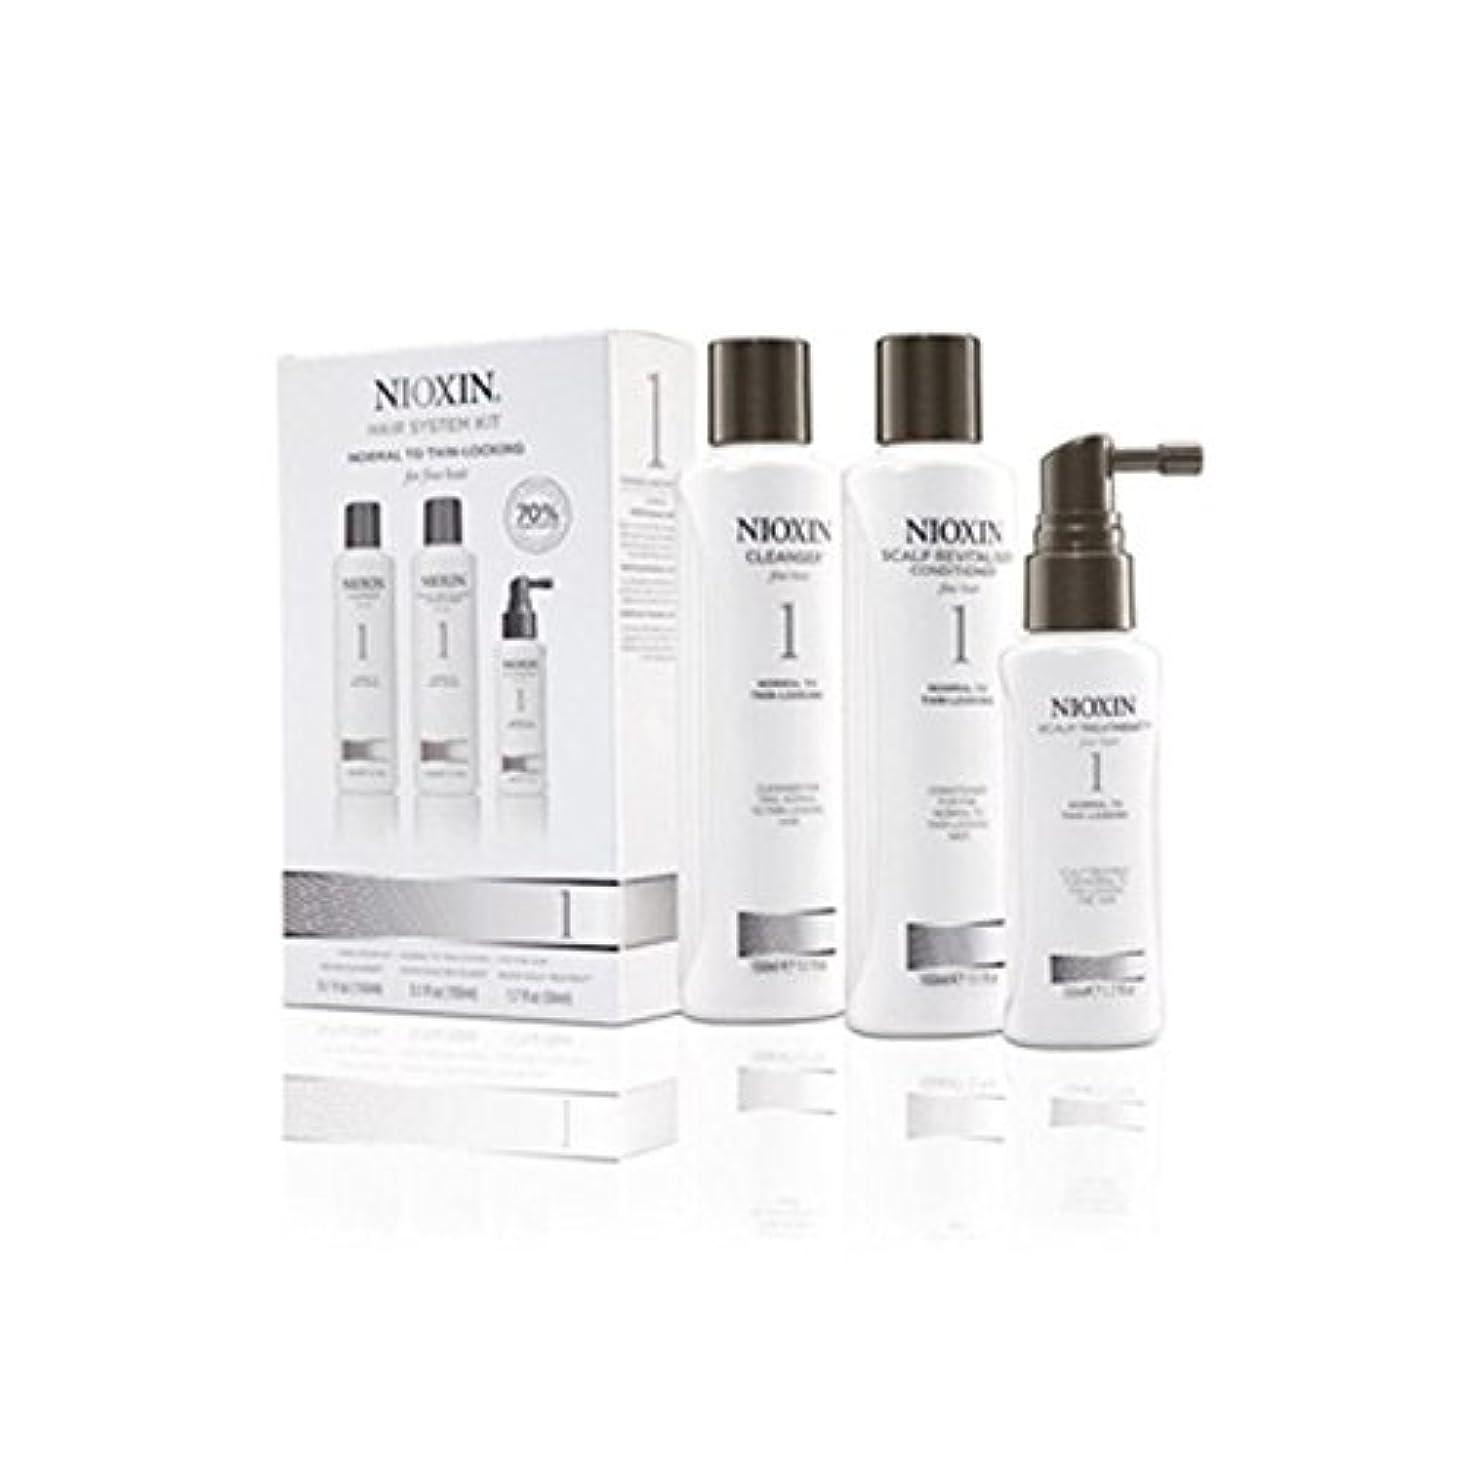 控えめな一掃する離れてNioxin Hair System Kit 1 For Normal To Fine Natural Hair (3 Products) - 細かい自然な髪への通常のためニオキシンヘアシステムキット1(3製品) [並行輸入品]